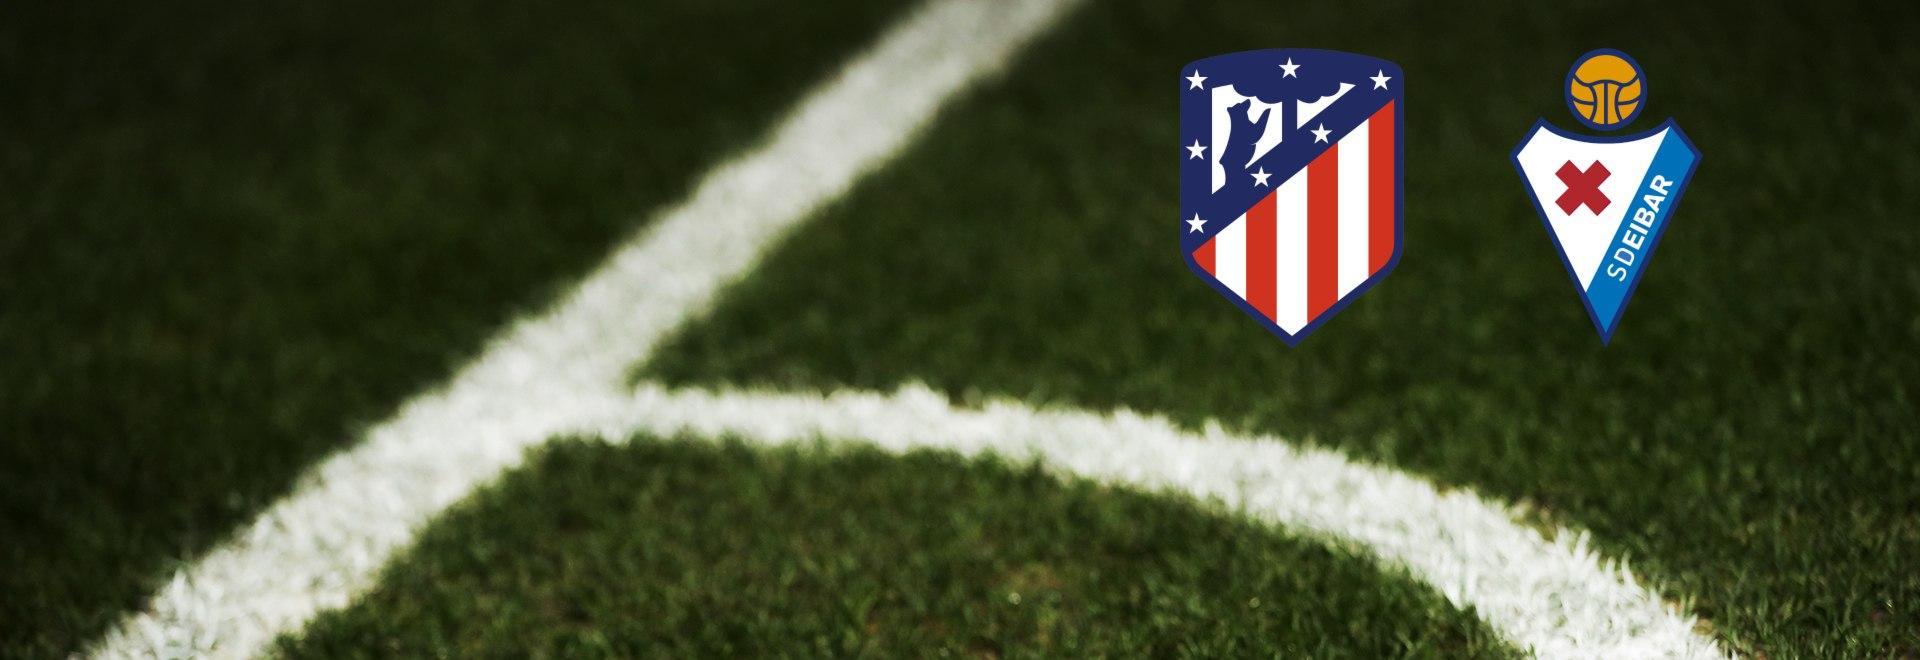 Atletico Madrid - Eibar. 33a g.